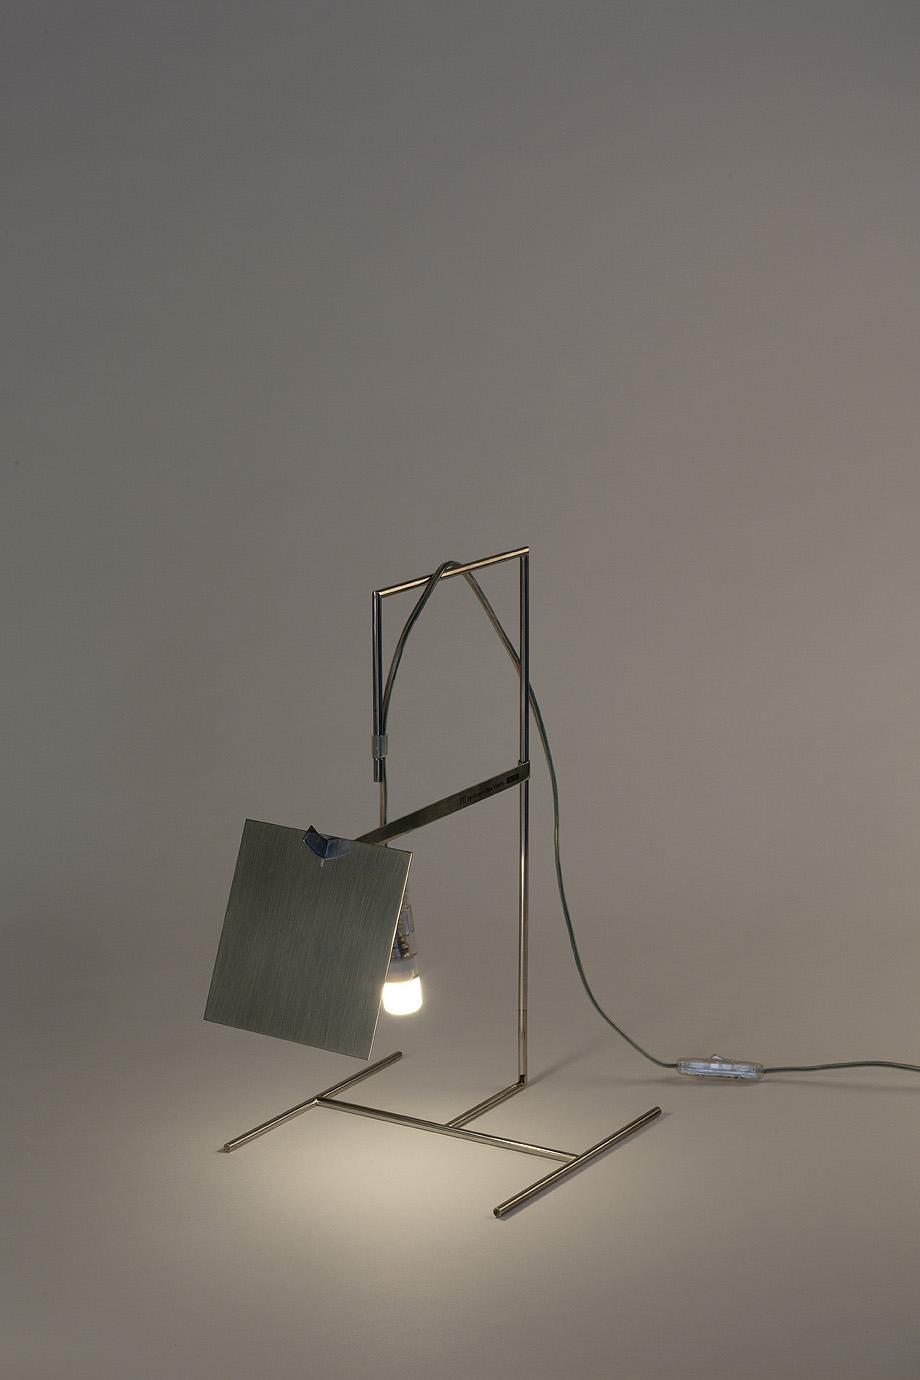 lampara fil alvaro siza vieira mobles 114 (6)